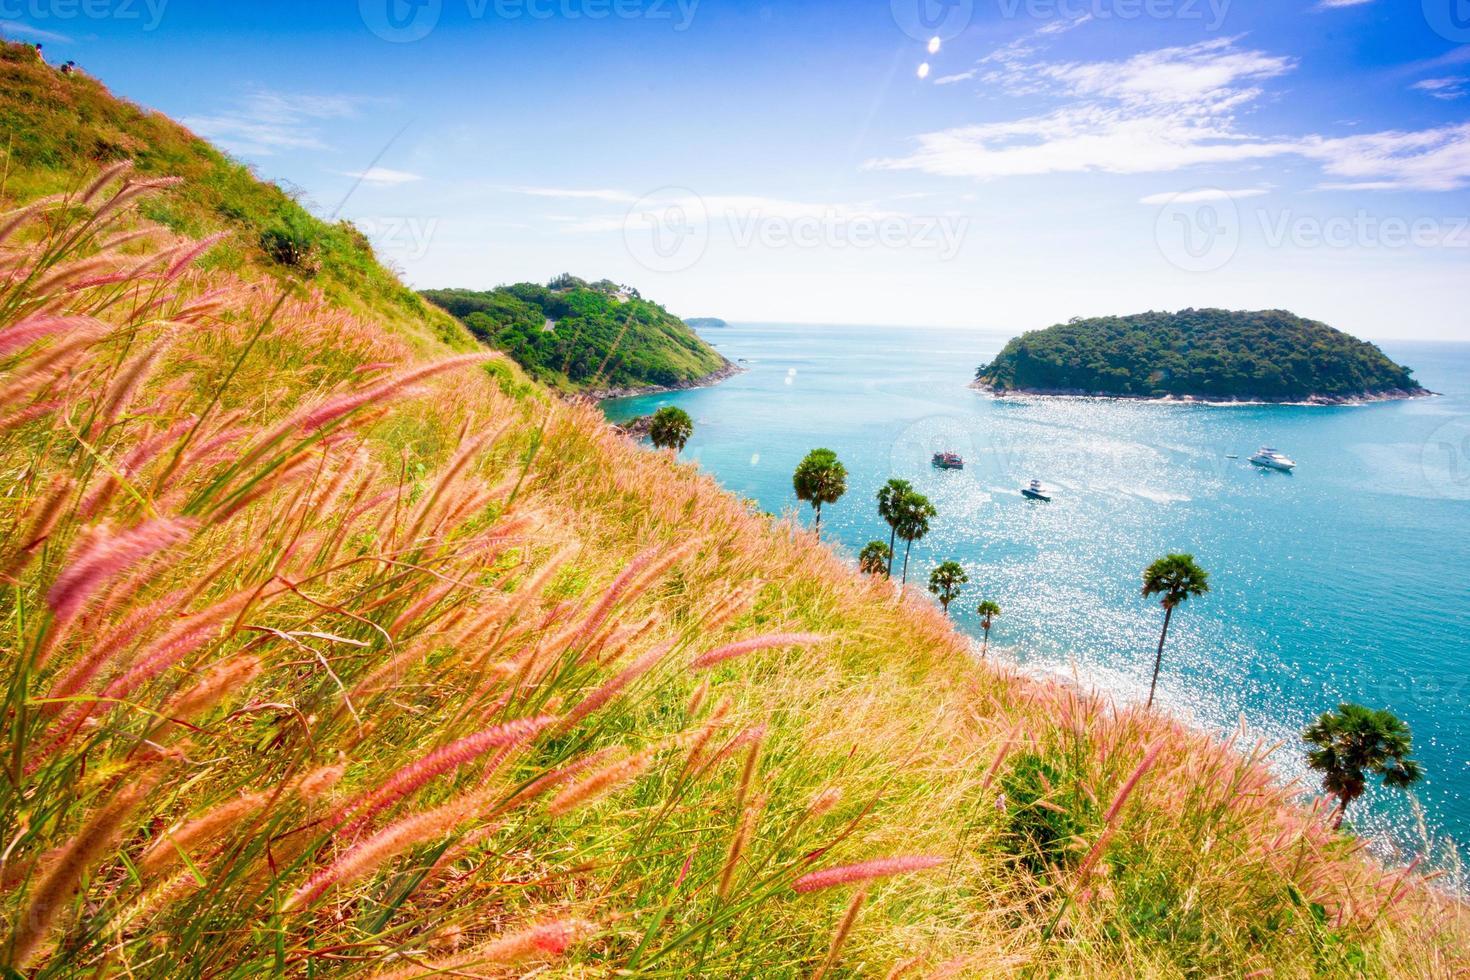 horário de verão na Ásia Tailândia praia céu azul, phuket foto